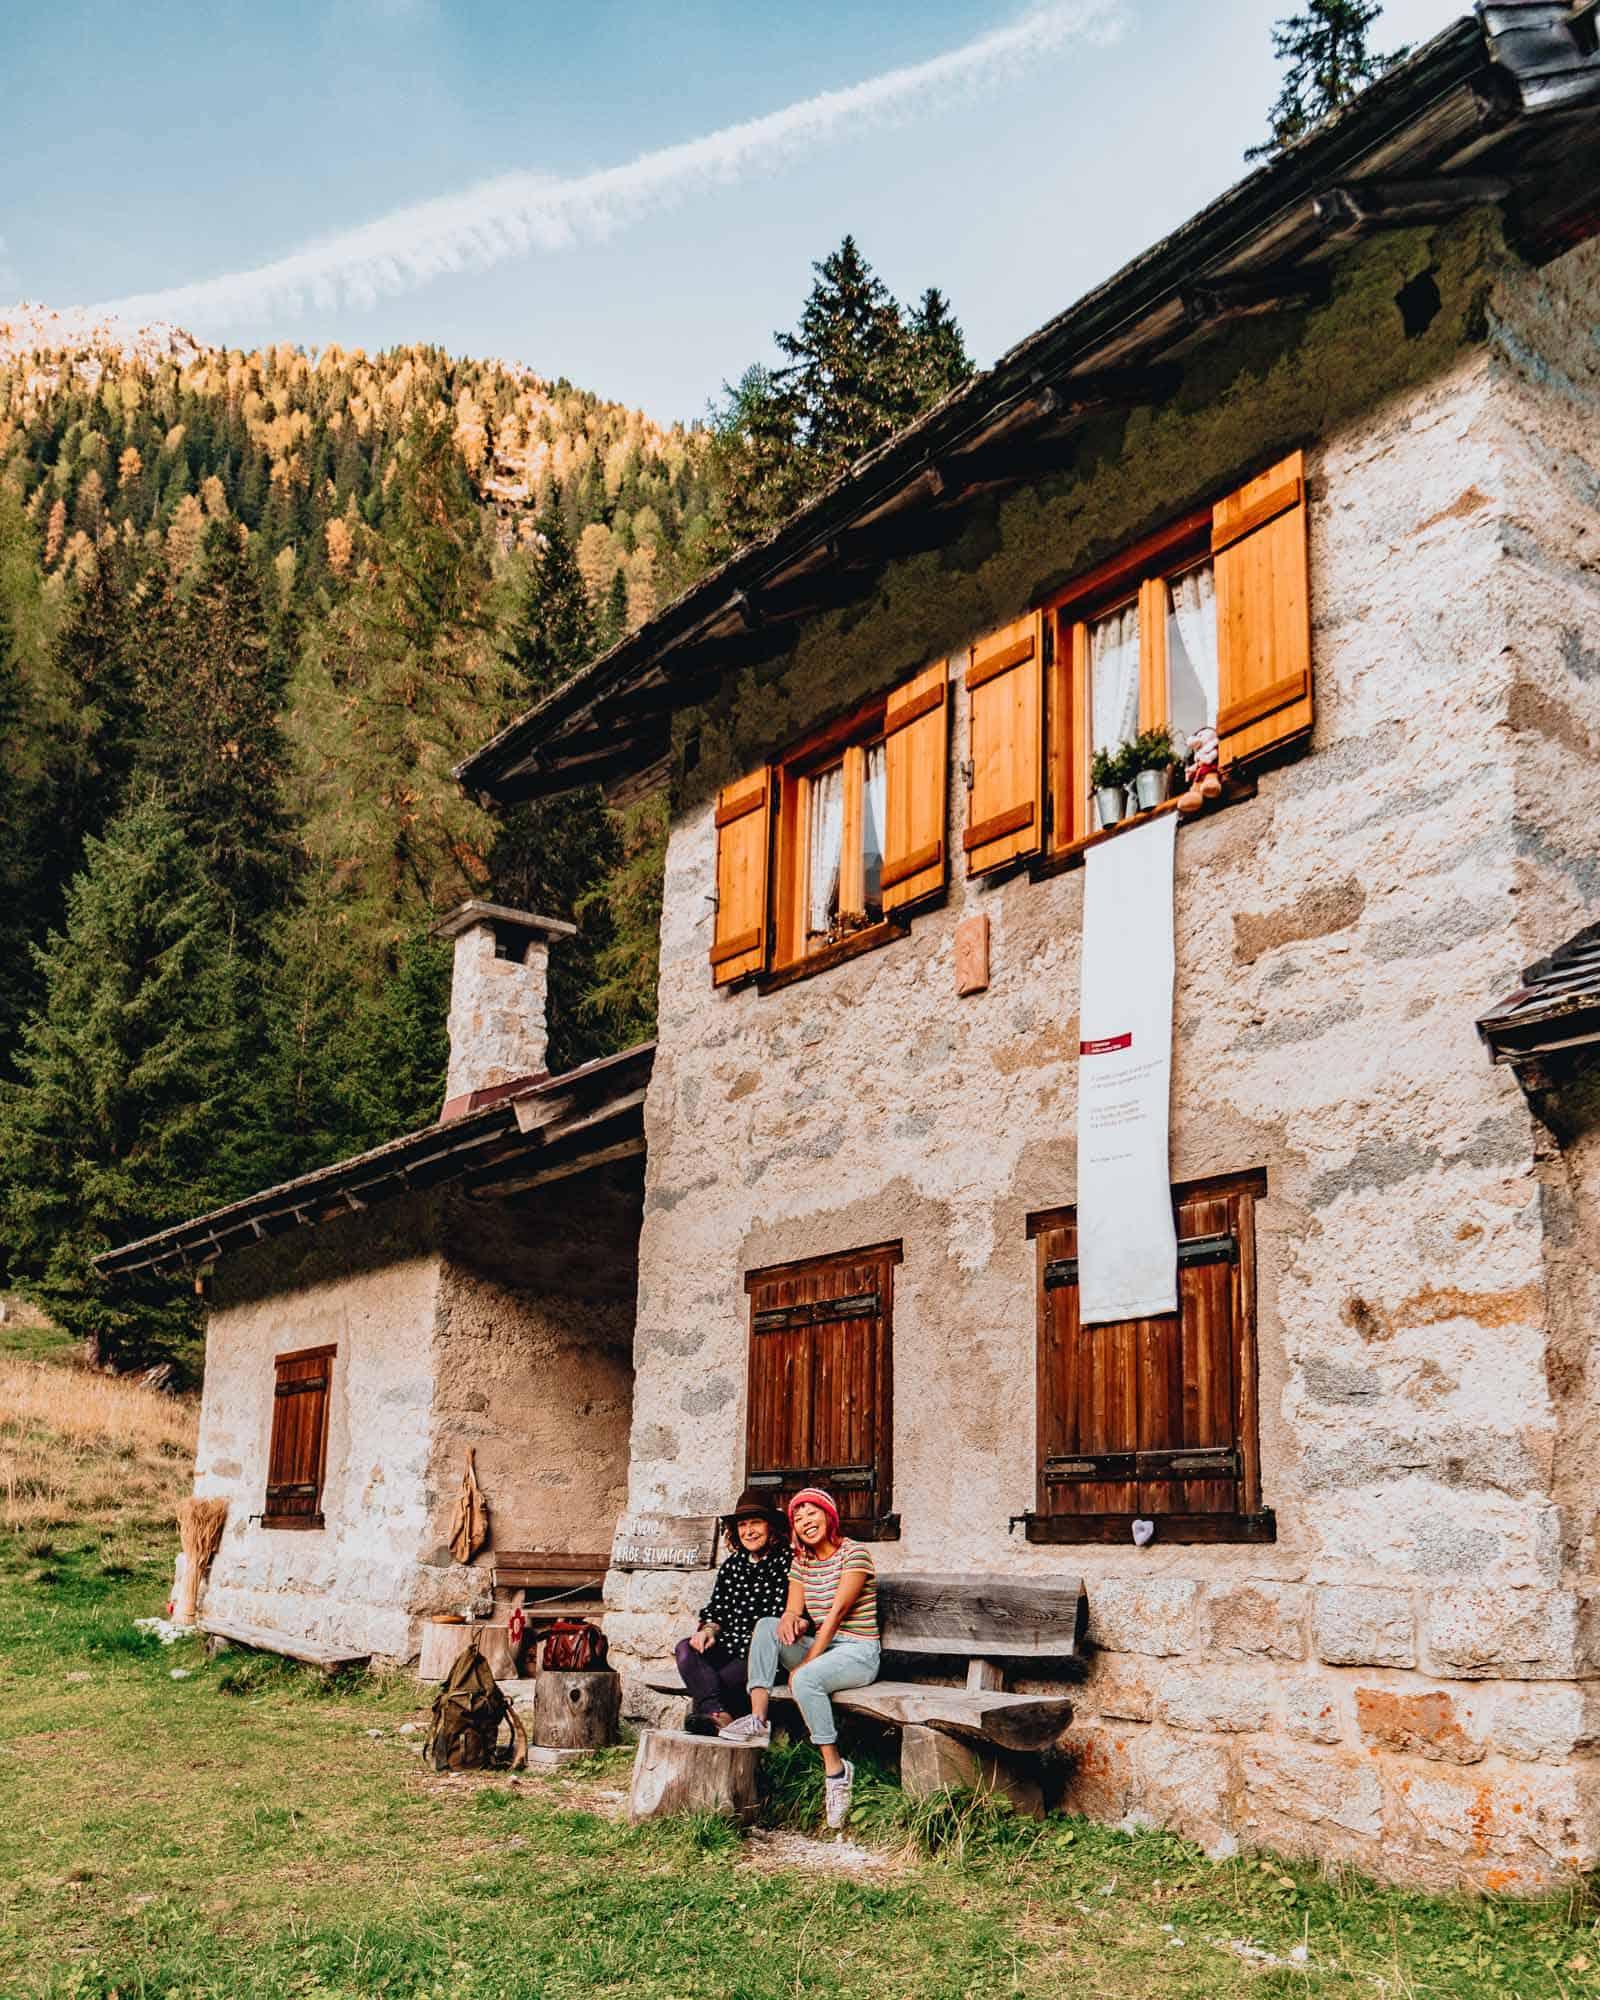 noris' house visit trentino